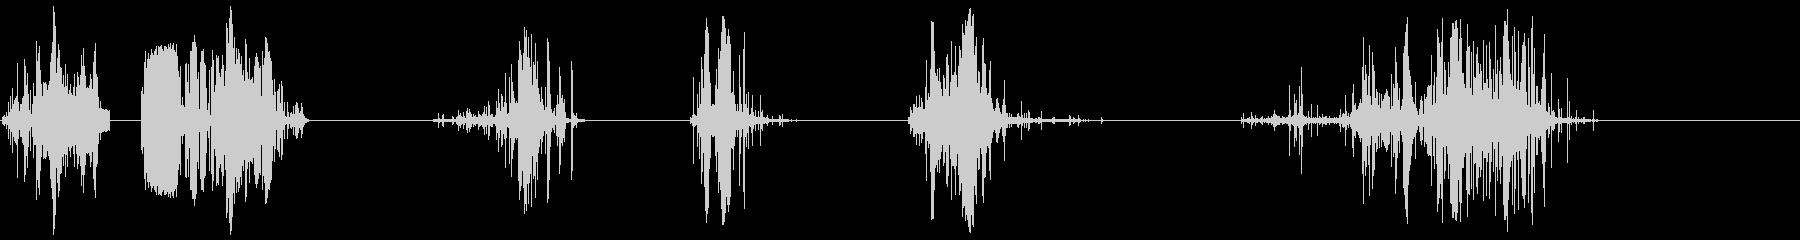 ゾンビバイツX6の未再生の波形